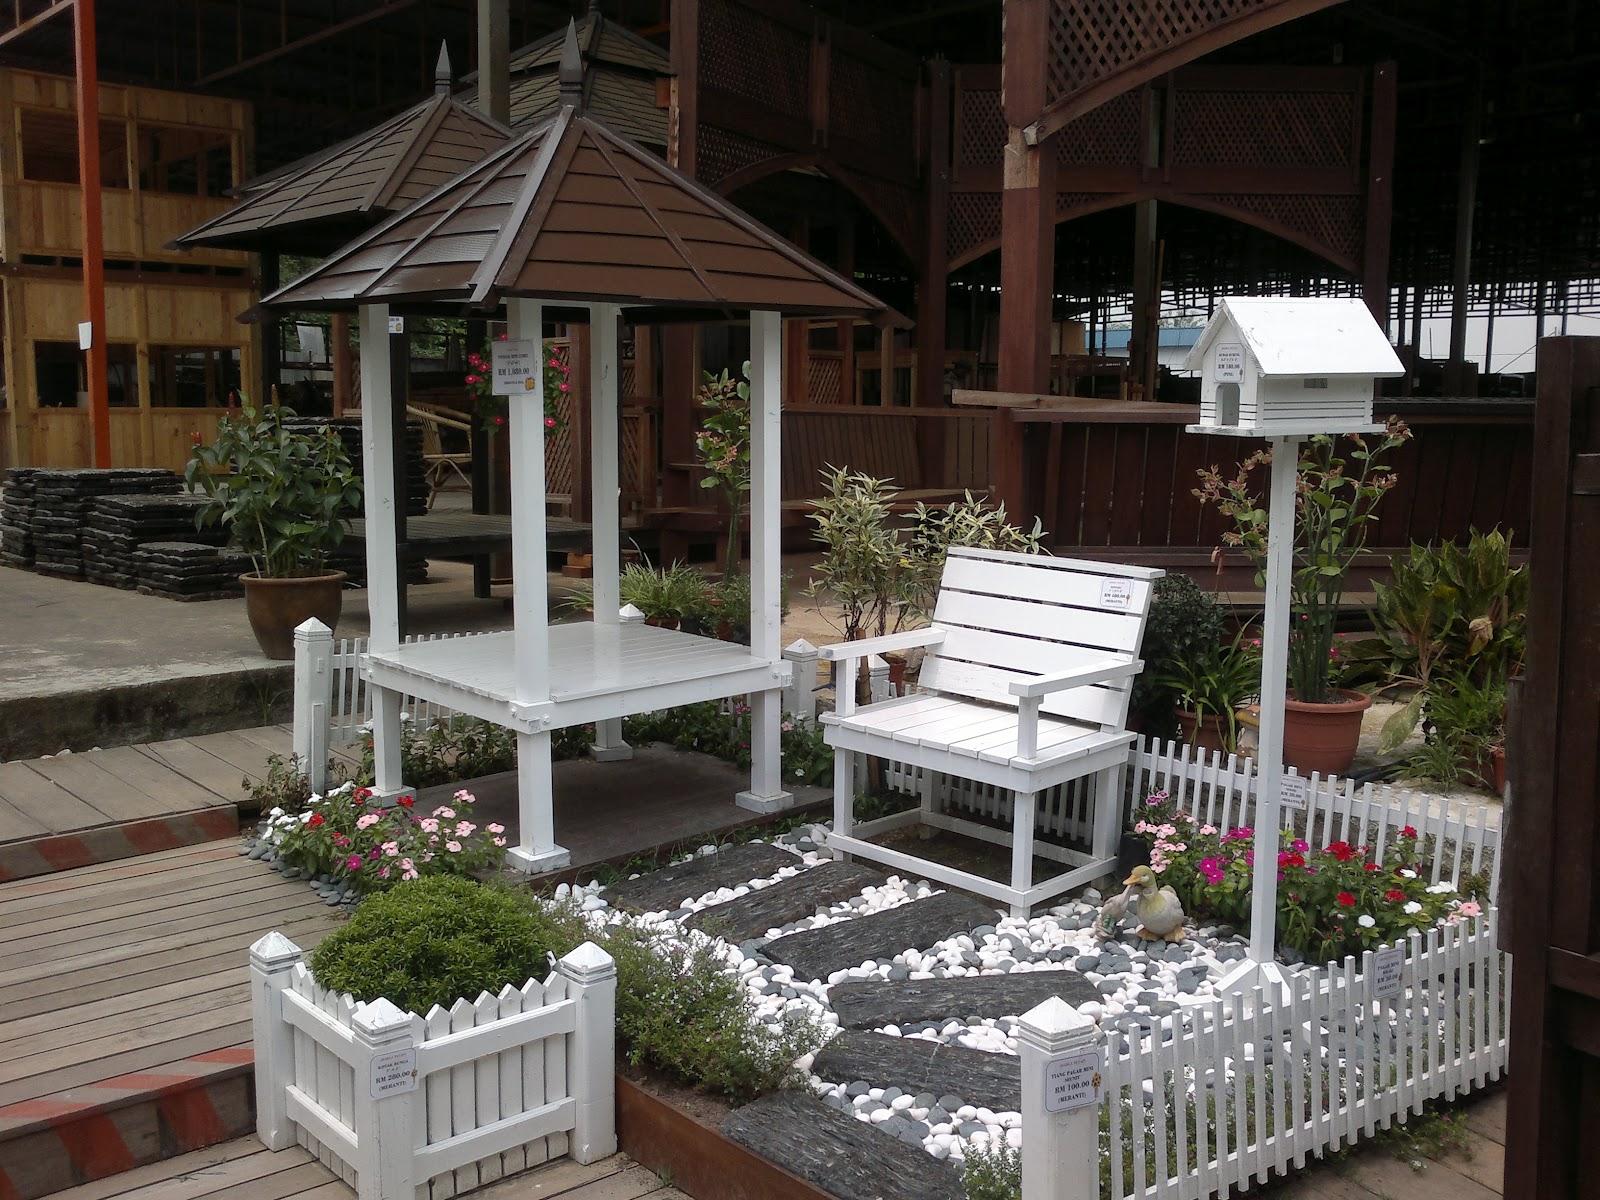 http://liana65.blogspot.com/2011/05/gambar-sebagai-panduan-untuk-ruang ...